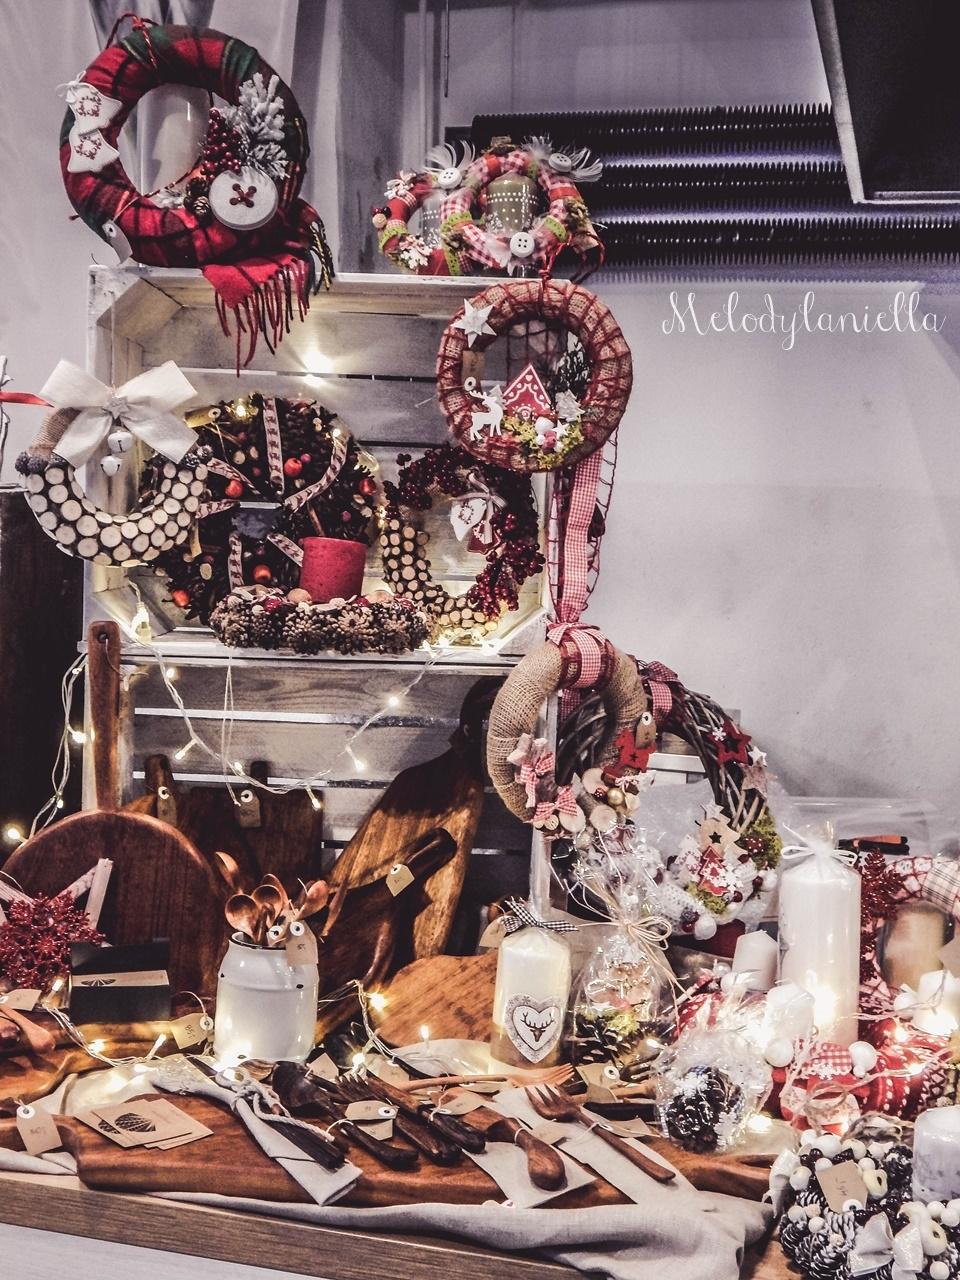 11 nietypowy jarmark świąteczny piotrkowska 217 co dzieje się w łodzi dwukropek ogrody zofii bożonarodzeniowy jarmark targ świąteczny świat z lukru pierniki świąteczne łódź biżuteria handmade piando zigner